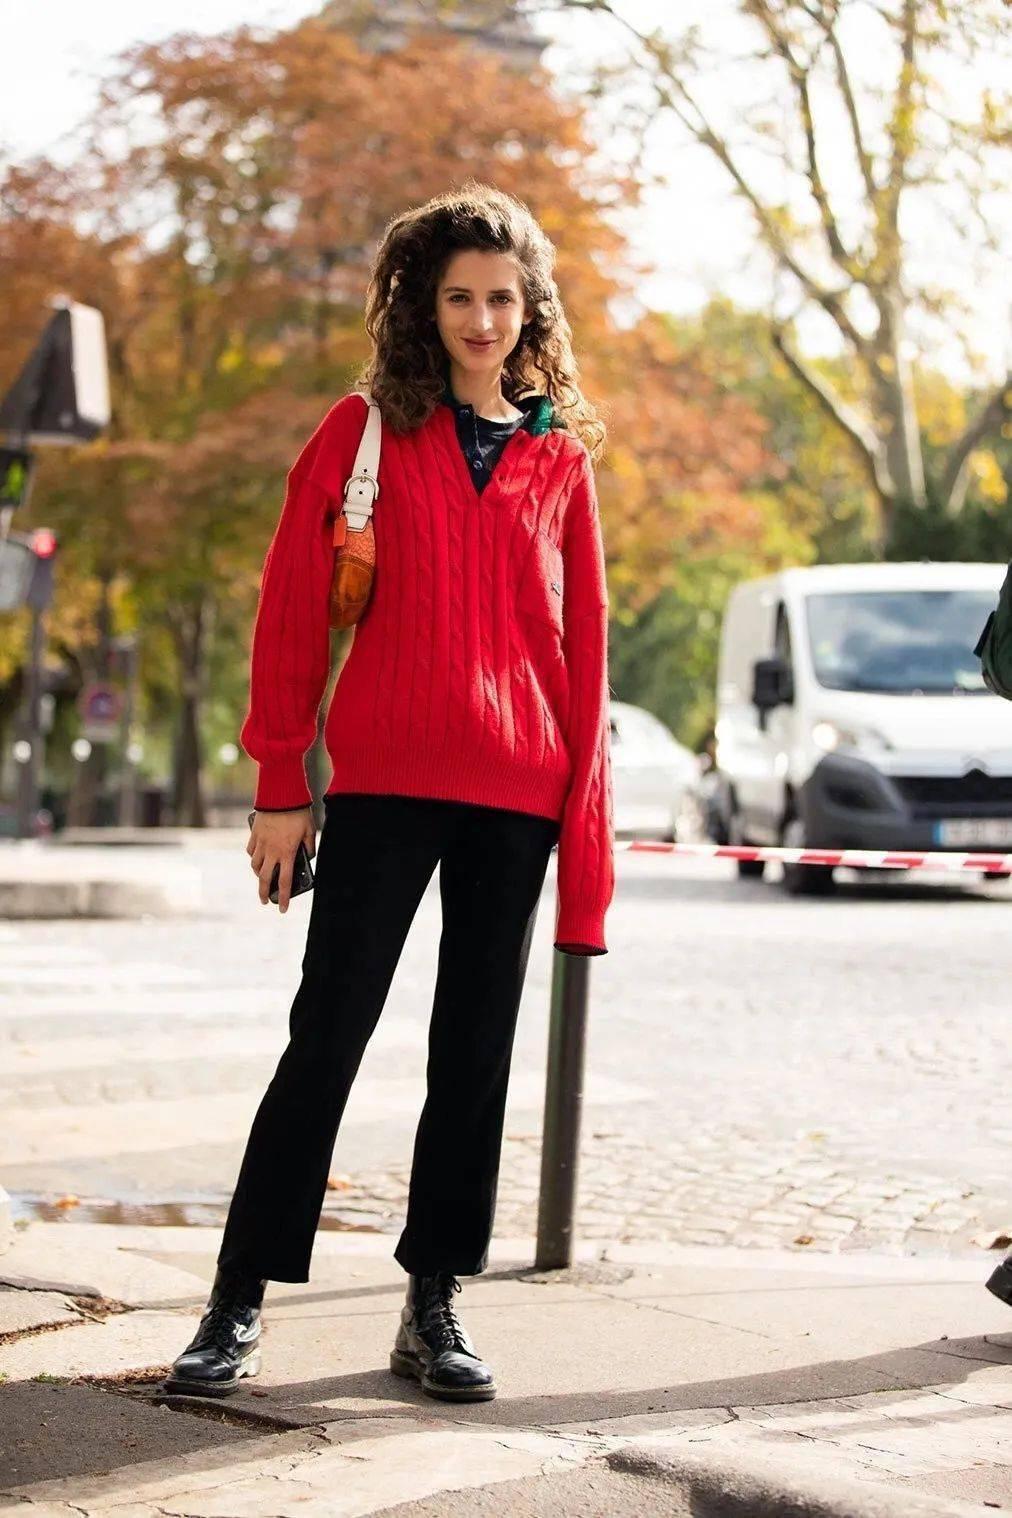 马丁靴+裙子,马丁靴+工装裤……又酷又撩,时髦炸了!     第44张